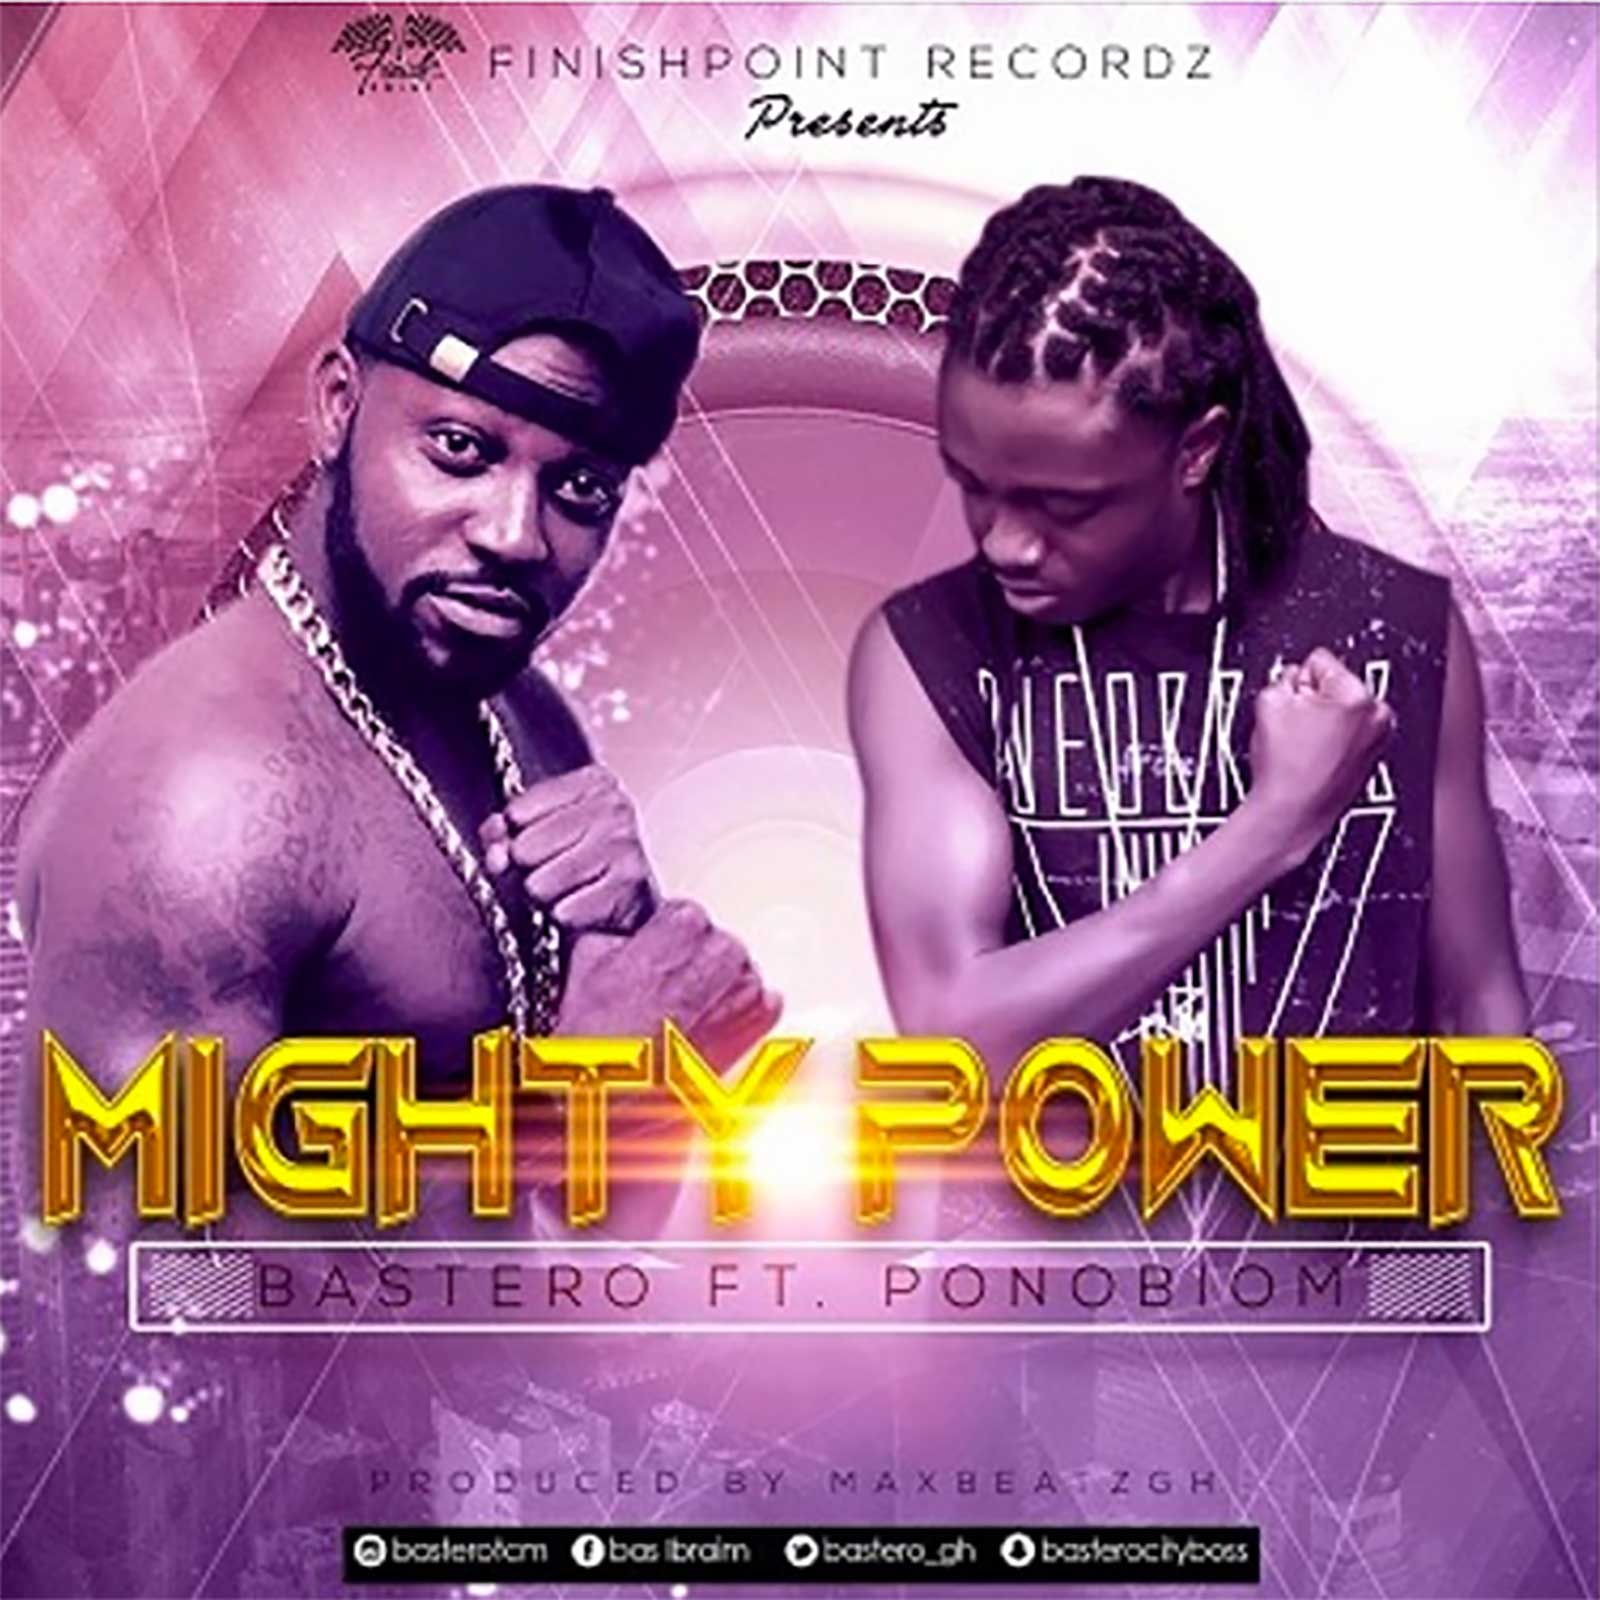 Mighty Power by Bastero feat. Yaa Pono